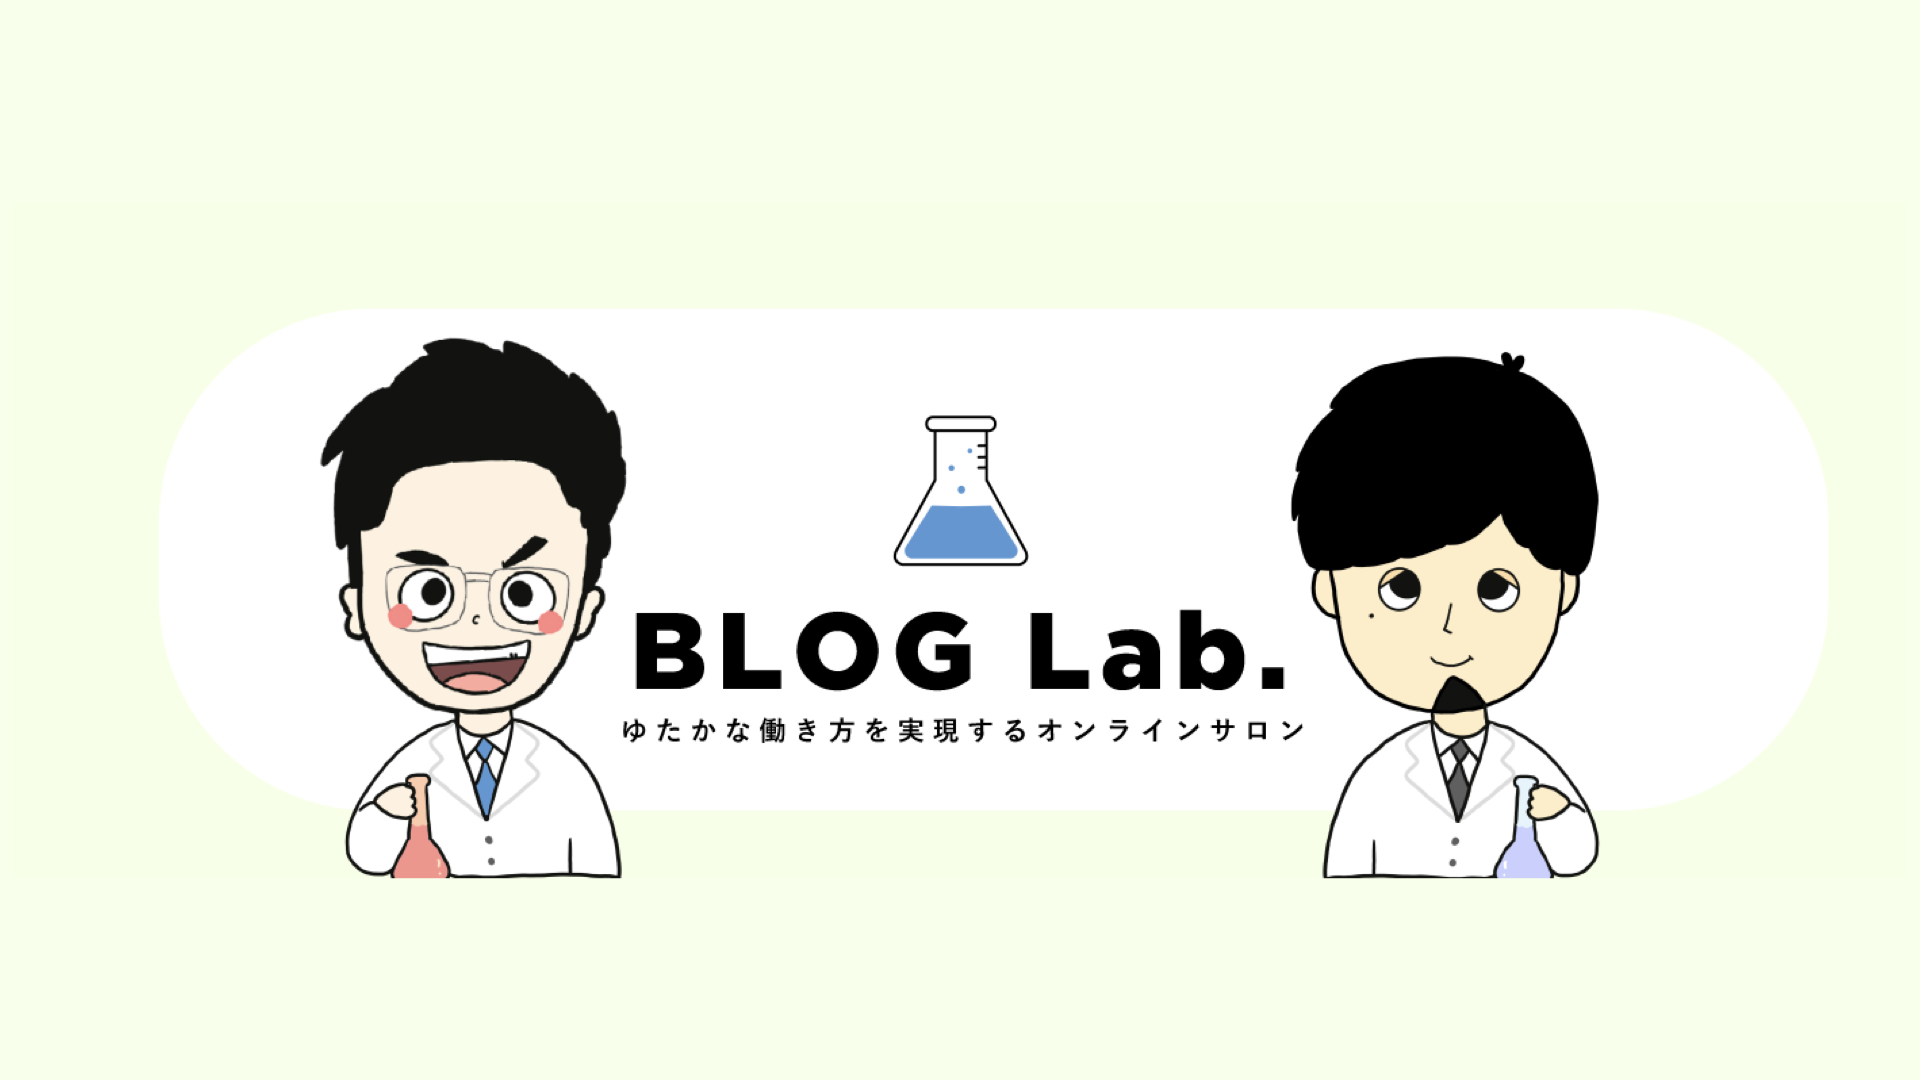 ブログラボに参加ご検討の方へ!【料金やコンテンツをご紹介】